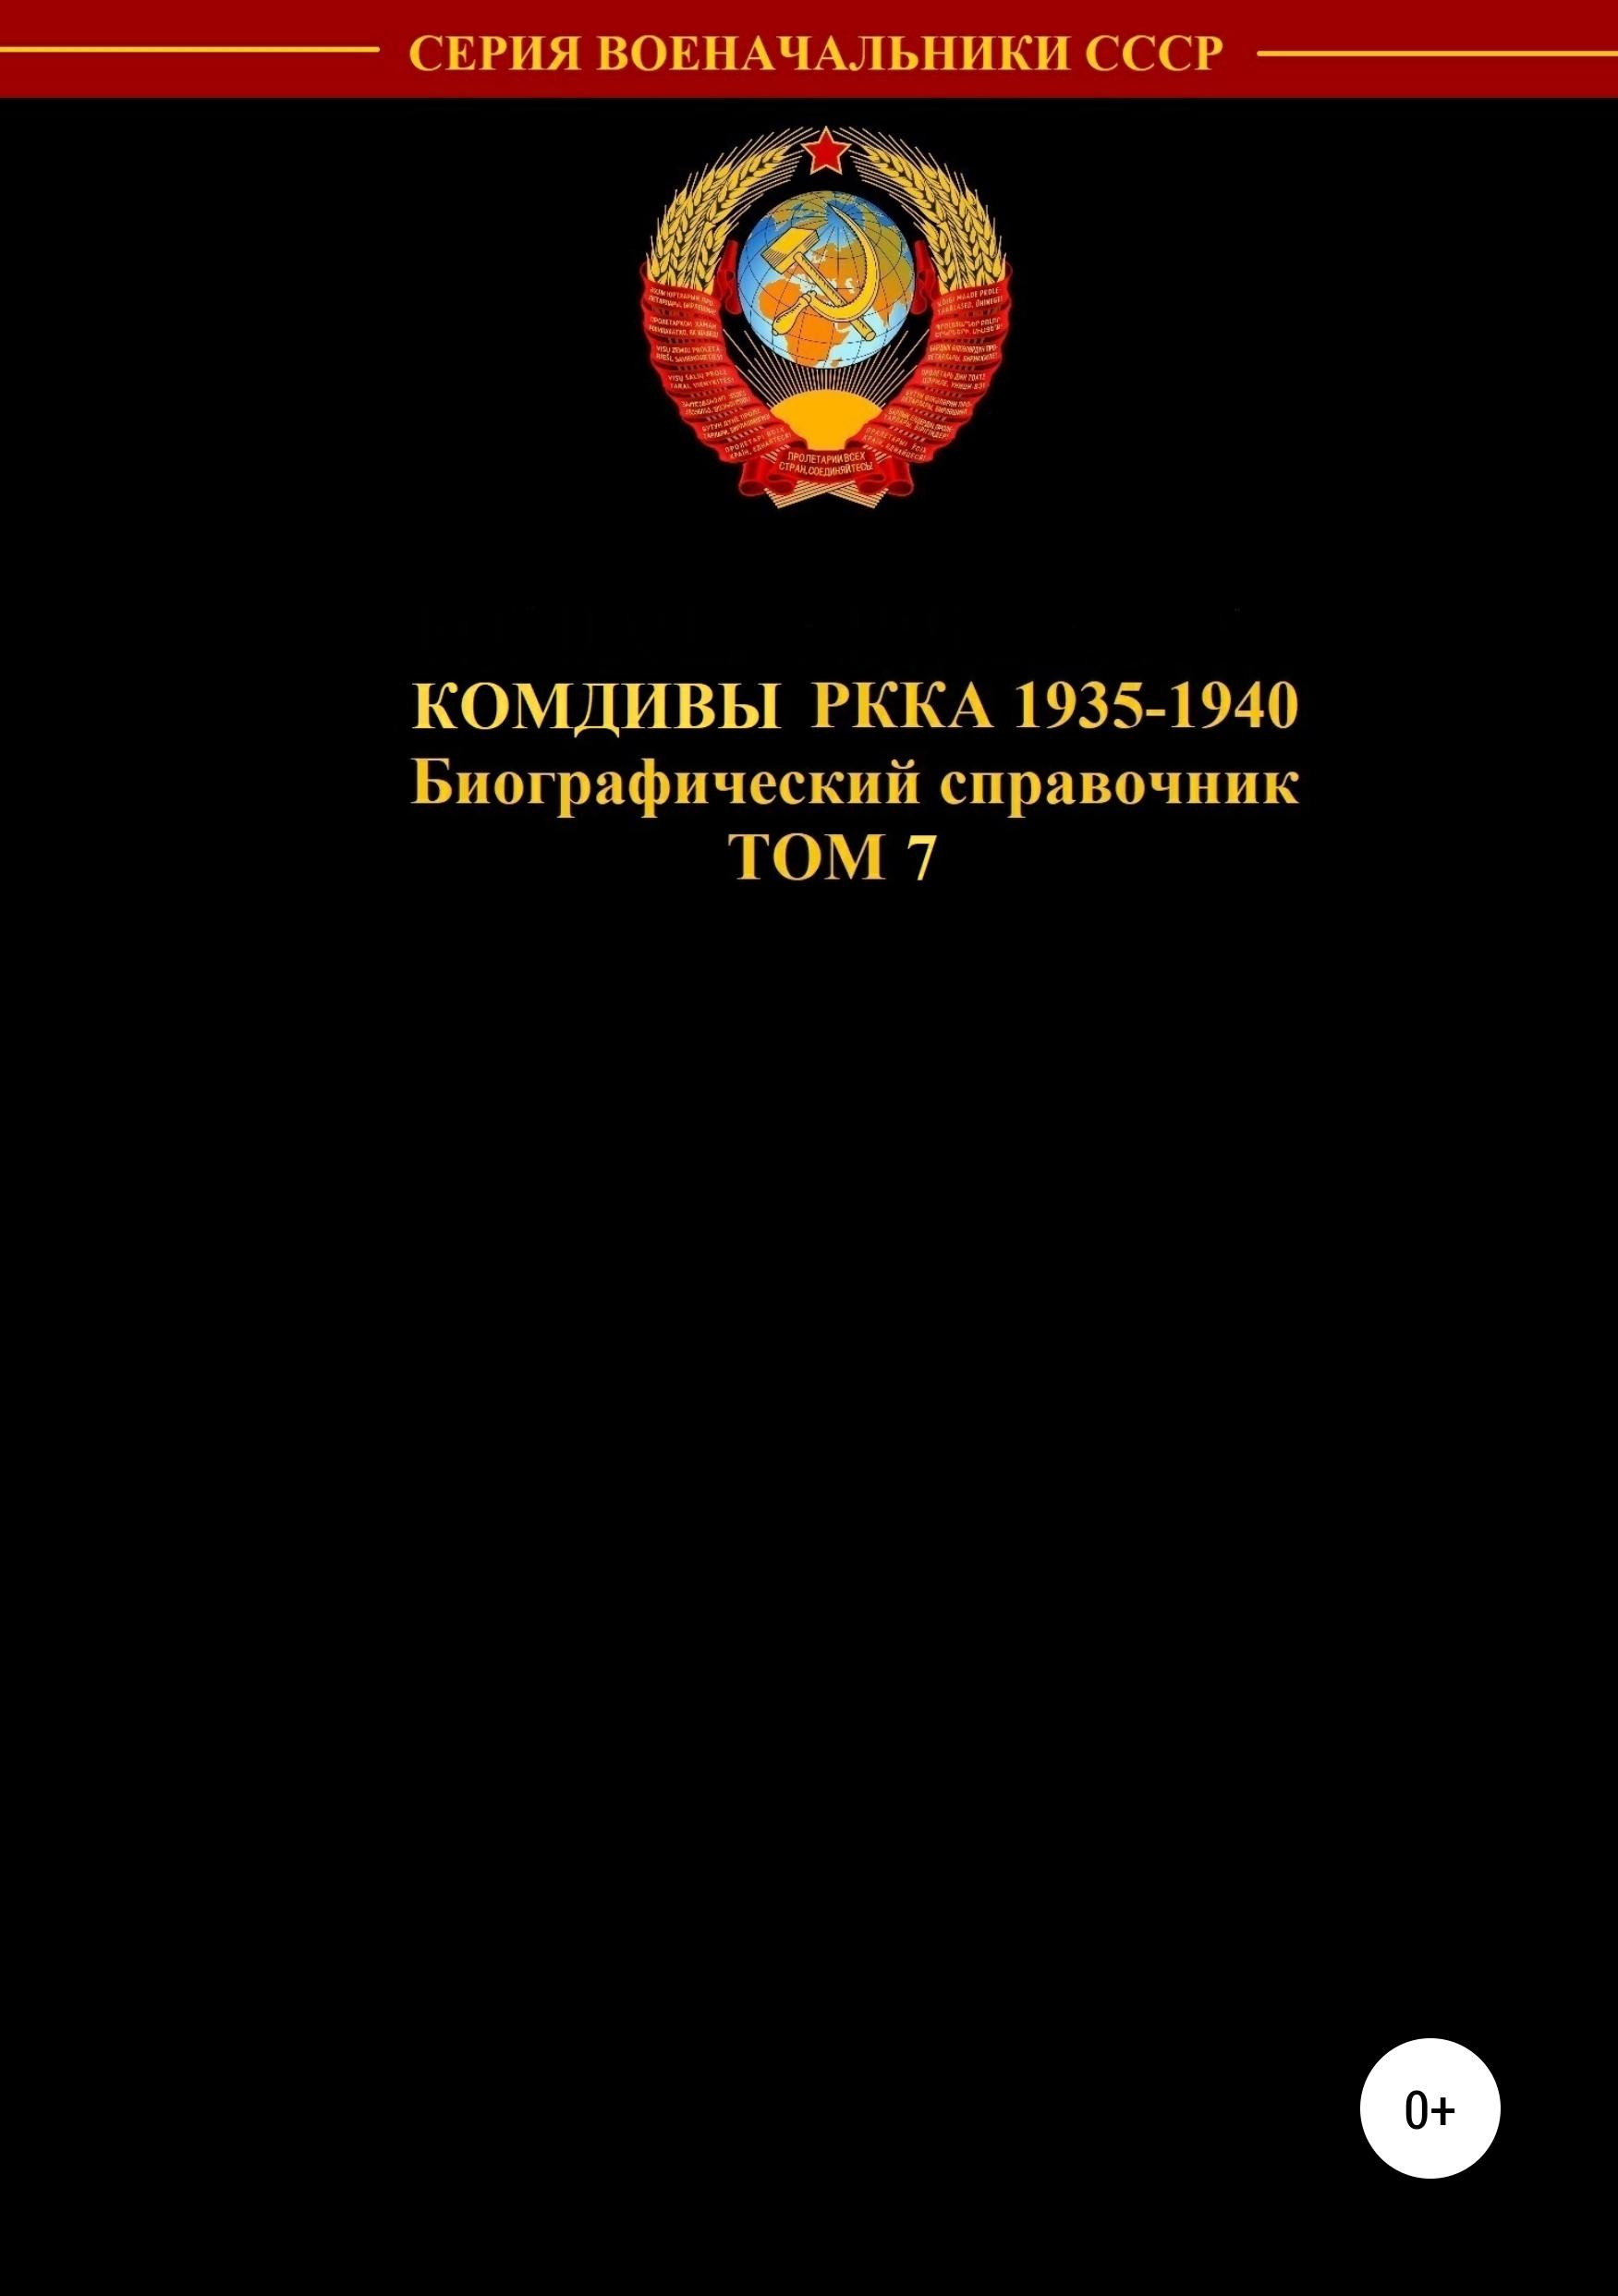 Комдивы РККА 1935-1940 гг. Том 7